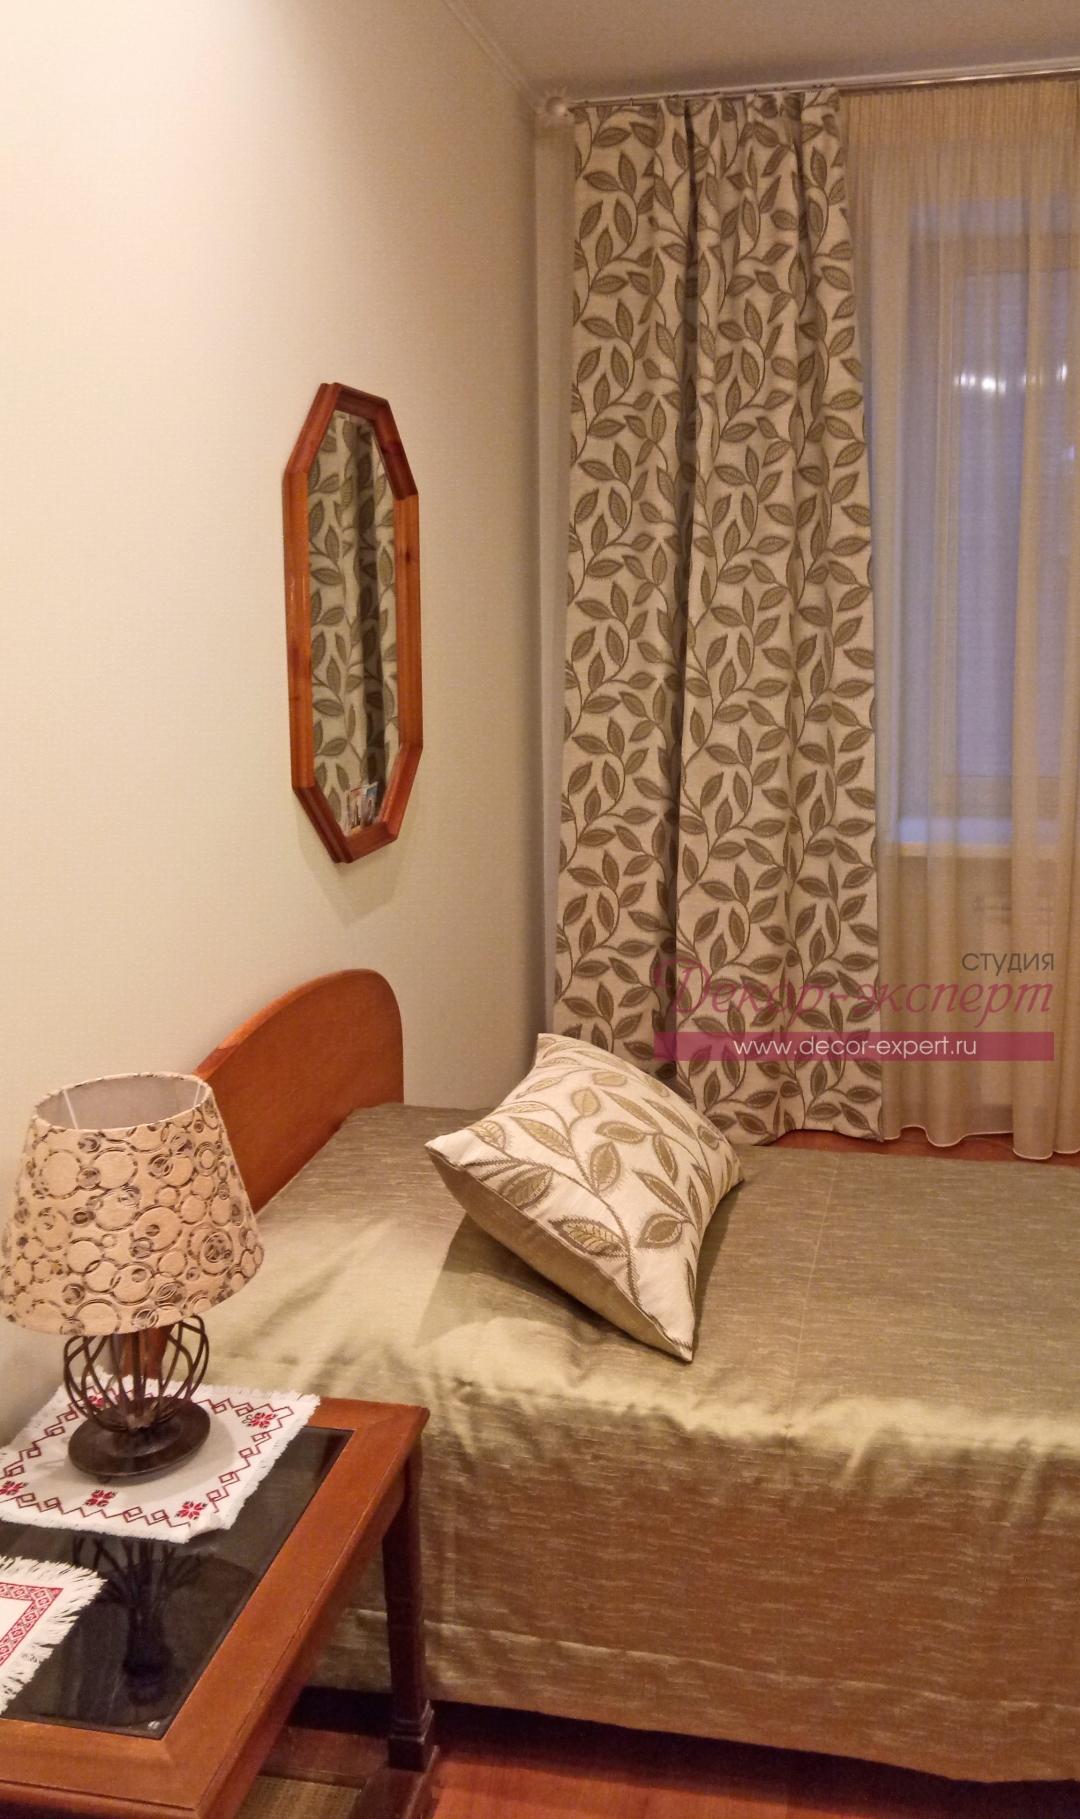 Декоративная подушка и фрагмент покрывала на кровати в комнате мамы.